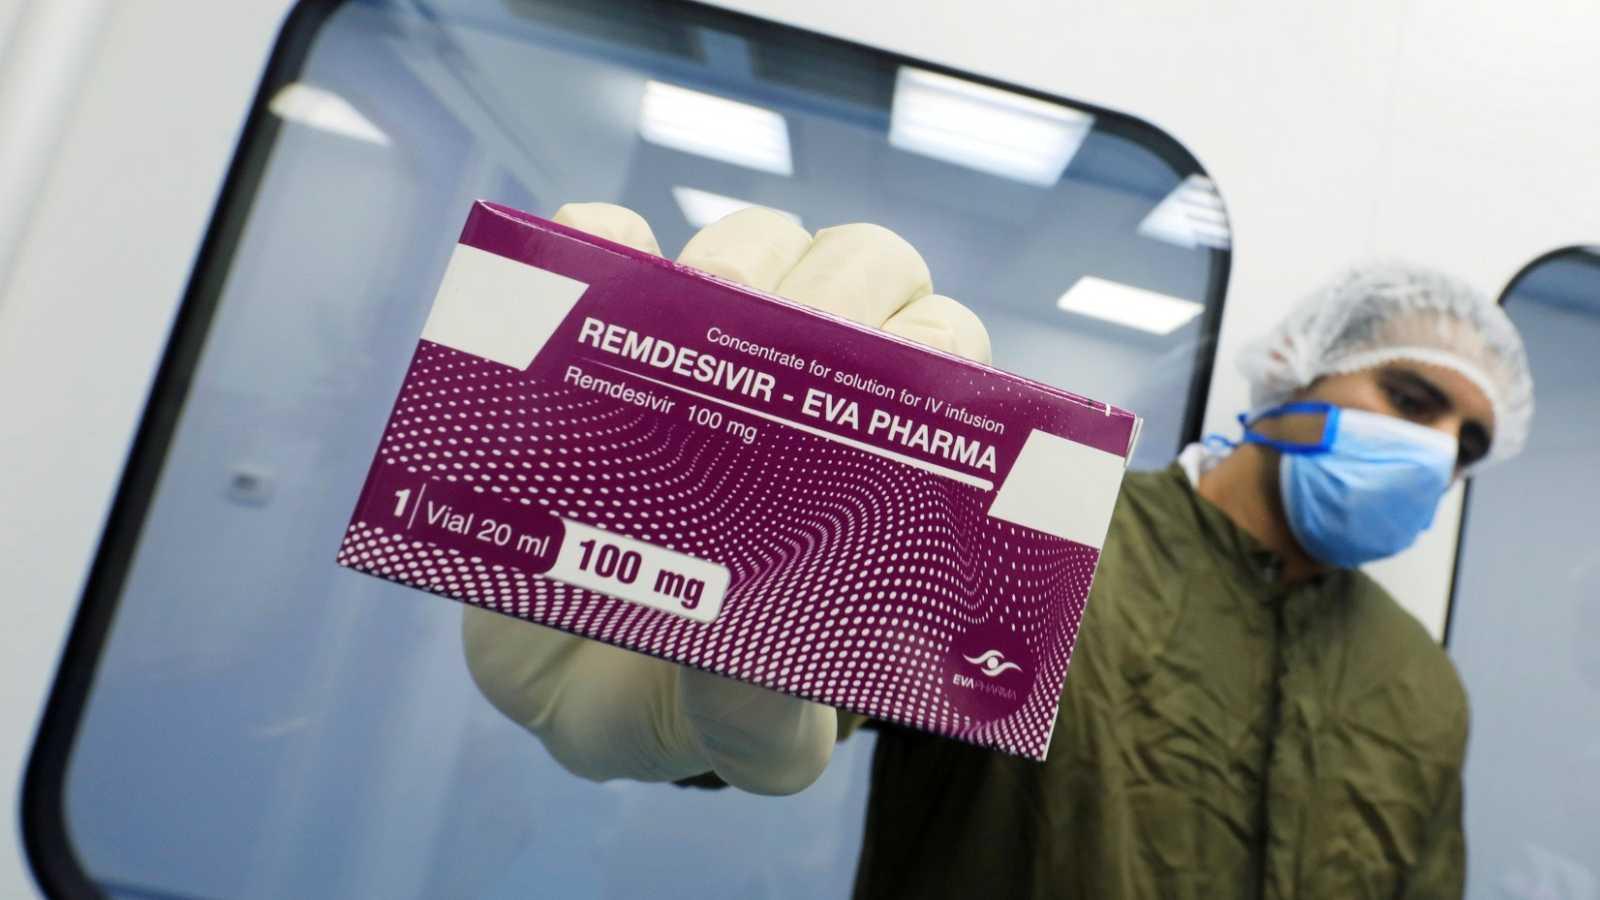 Un sanitario sostiene el fármaco Remdesivir contra el coronavirus